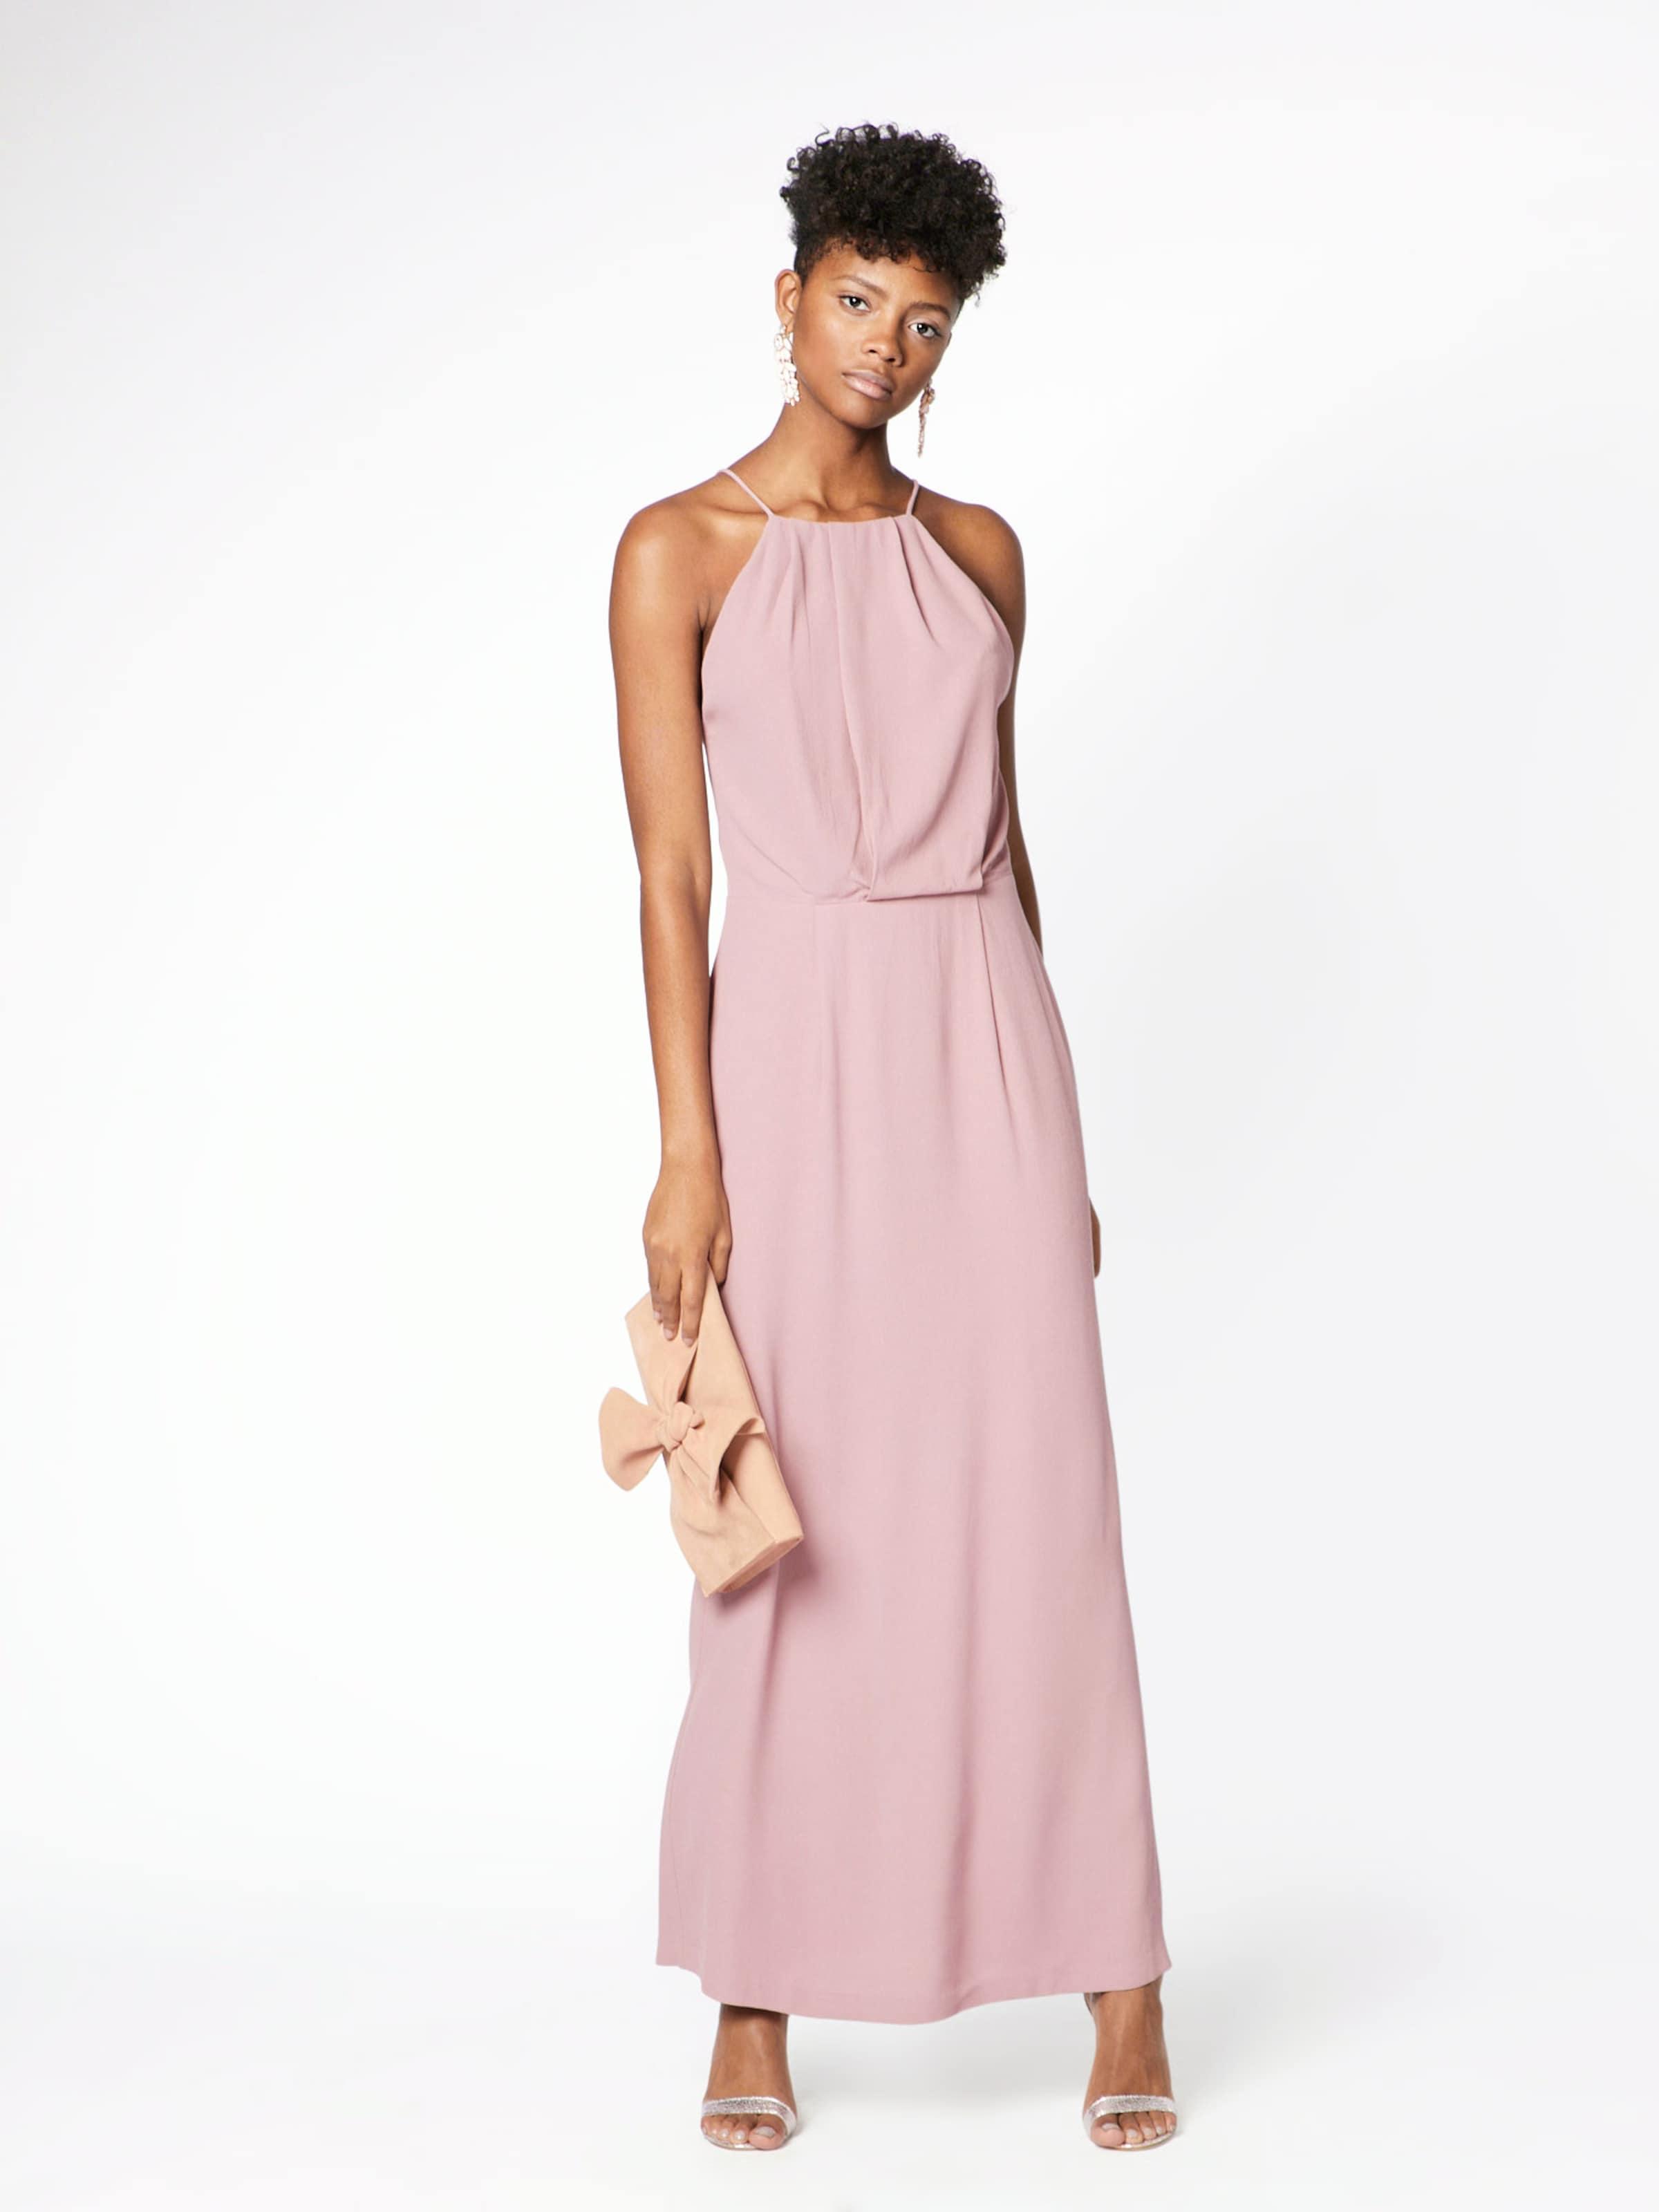 Samsoe & Samsoe Abendkleid mit Spitze 'Willow 5687' Billig Verkauf Sammlungen ajBcz